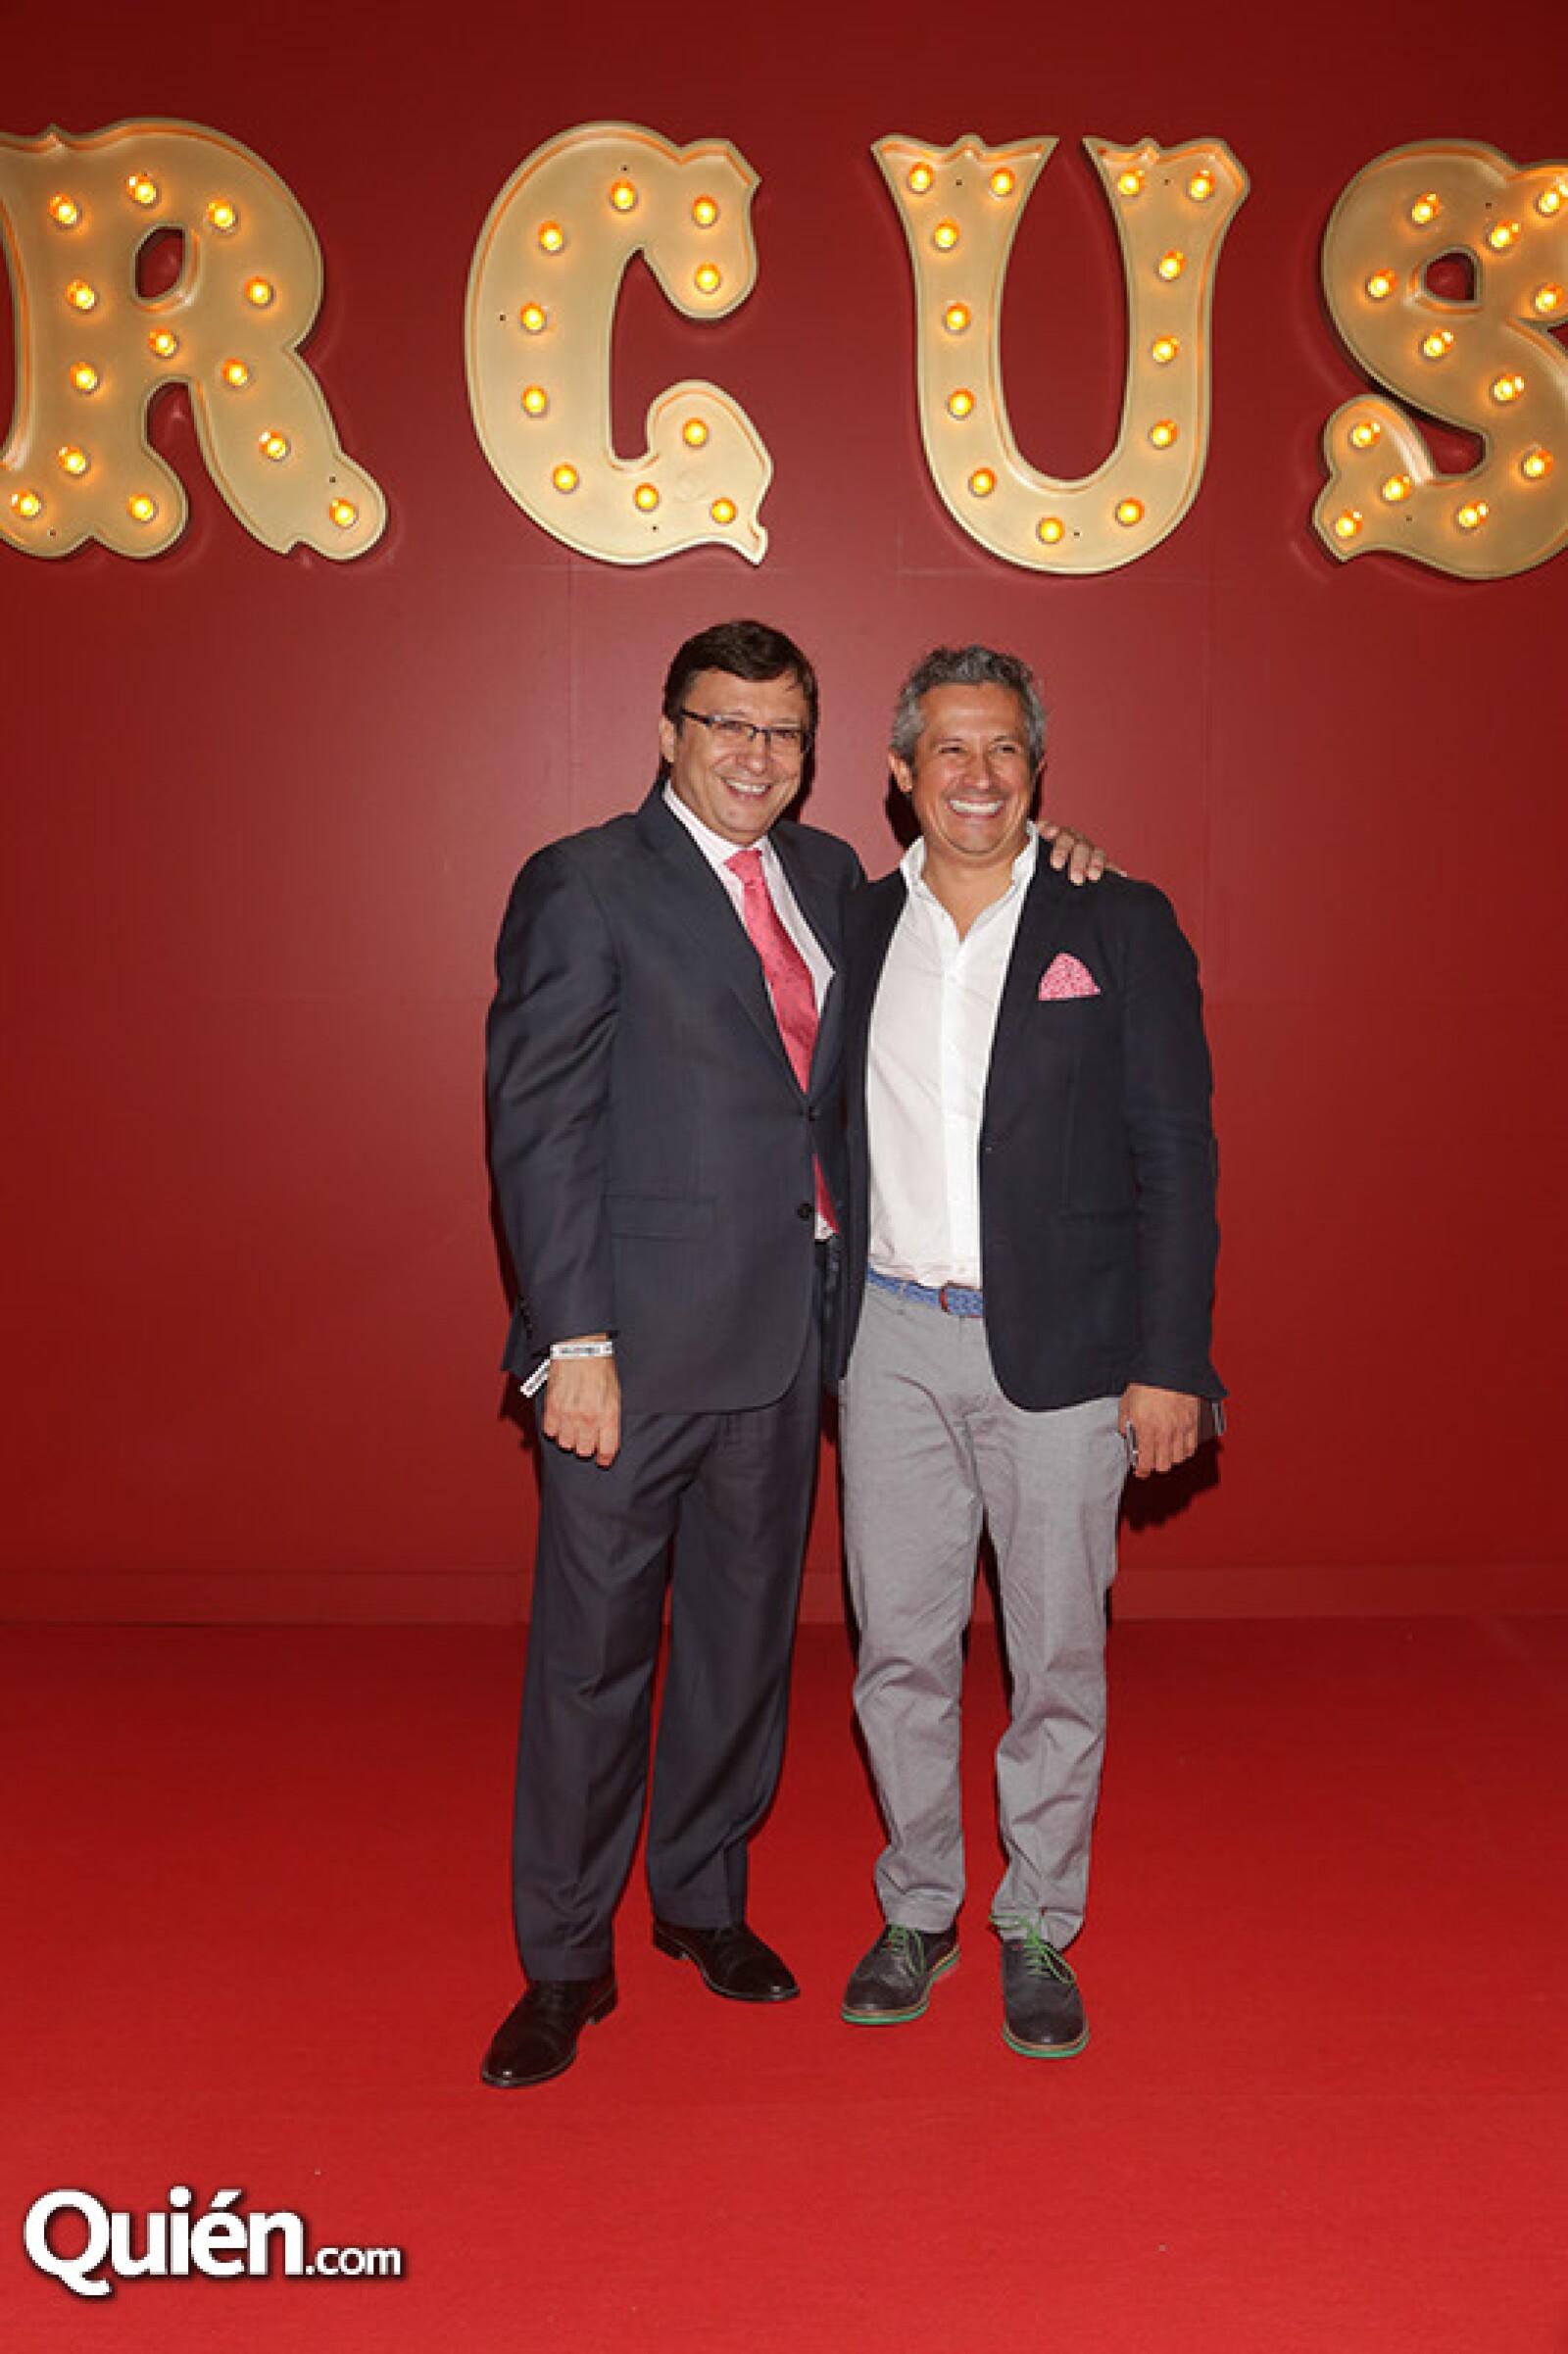 Manuel Quintanero y Mauricio Galeano